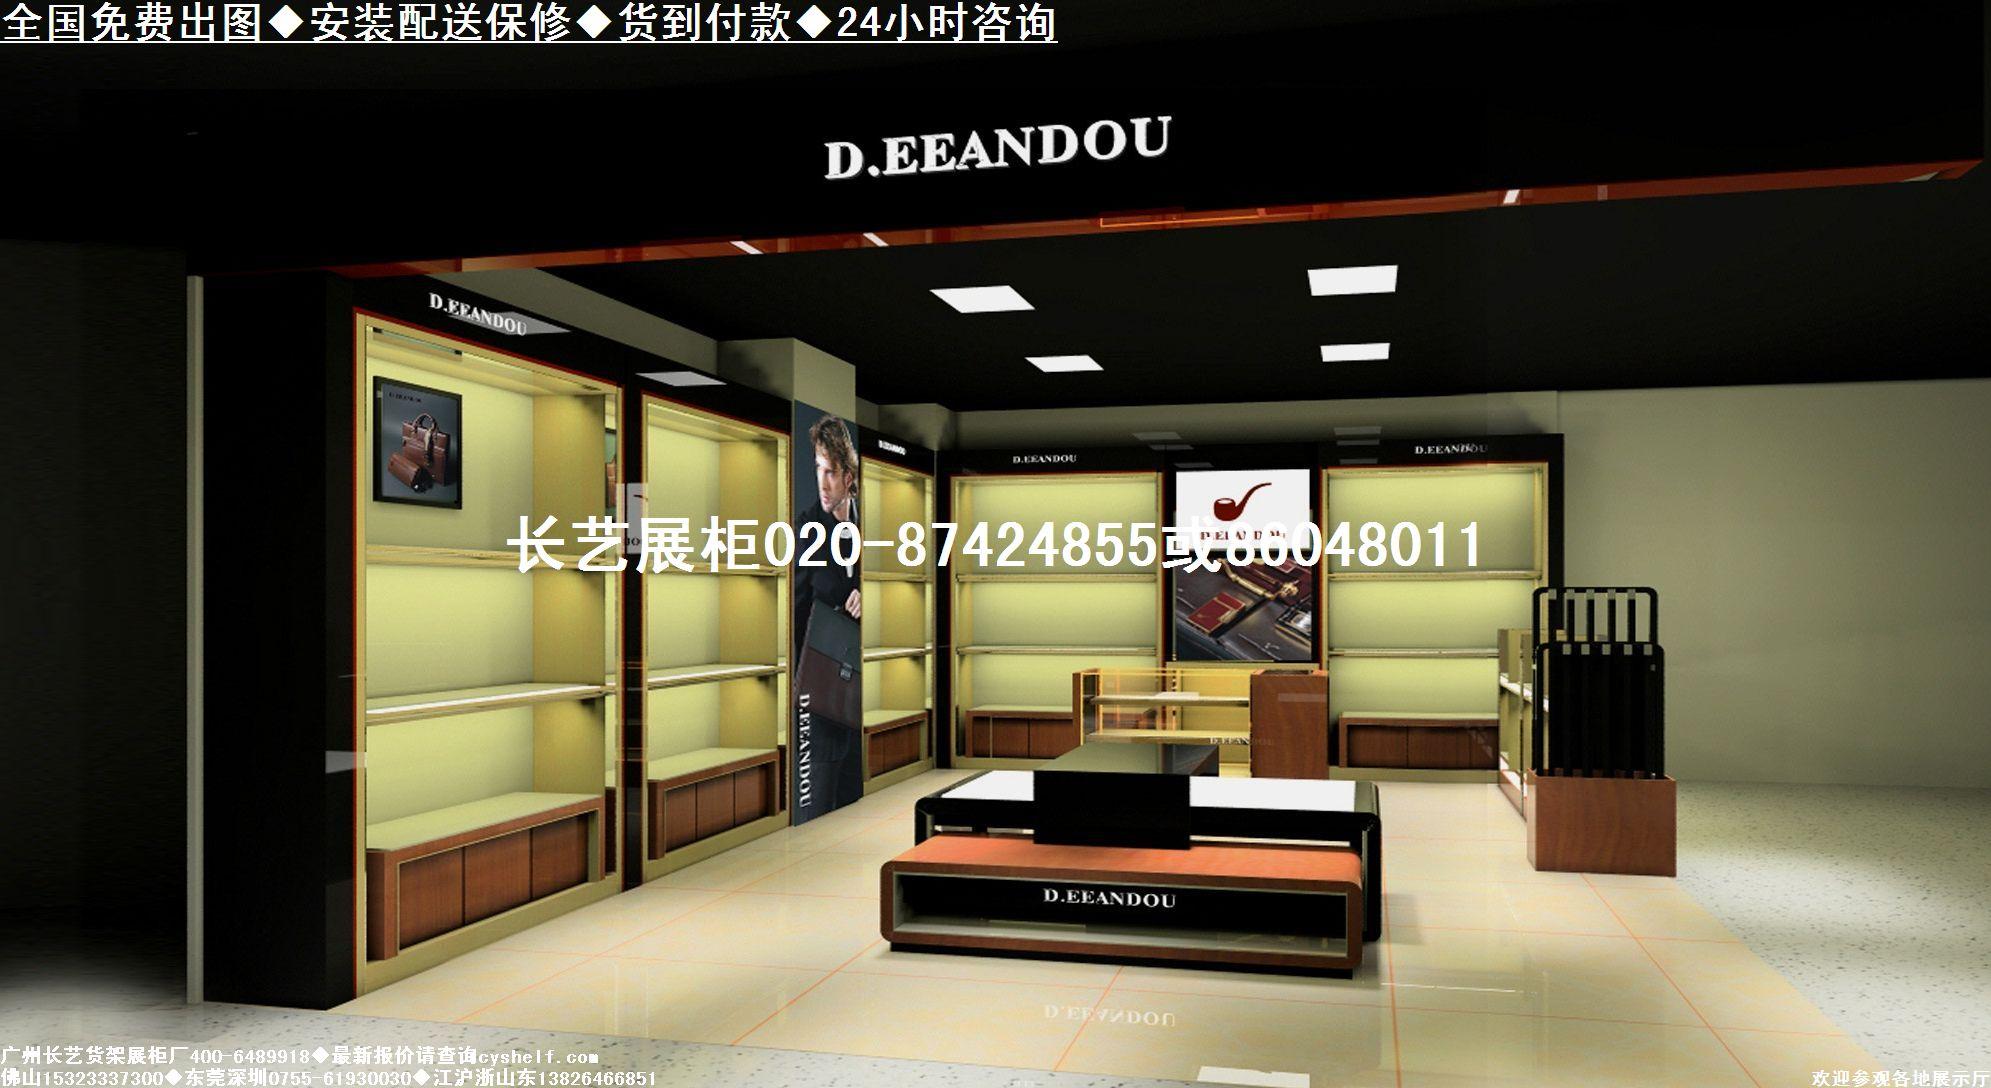 家在深圳  装修论坛 装修采购  > 服装展示柜图片|服装店展柜设计